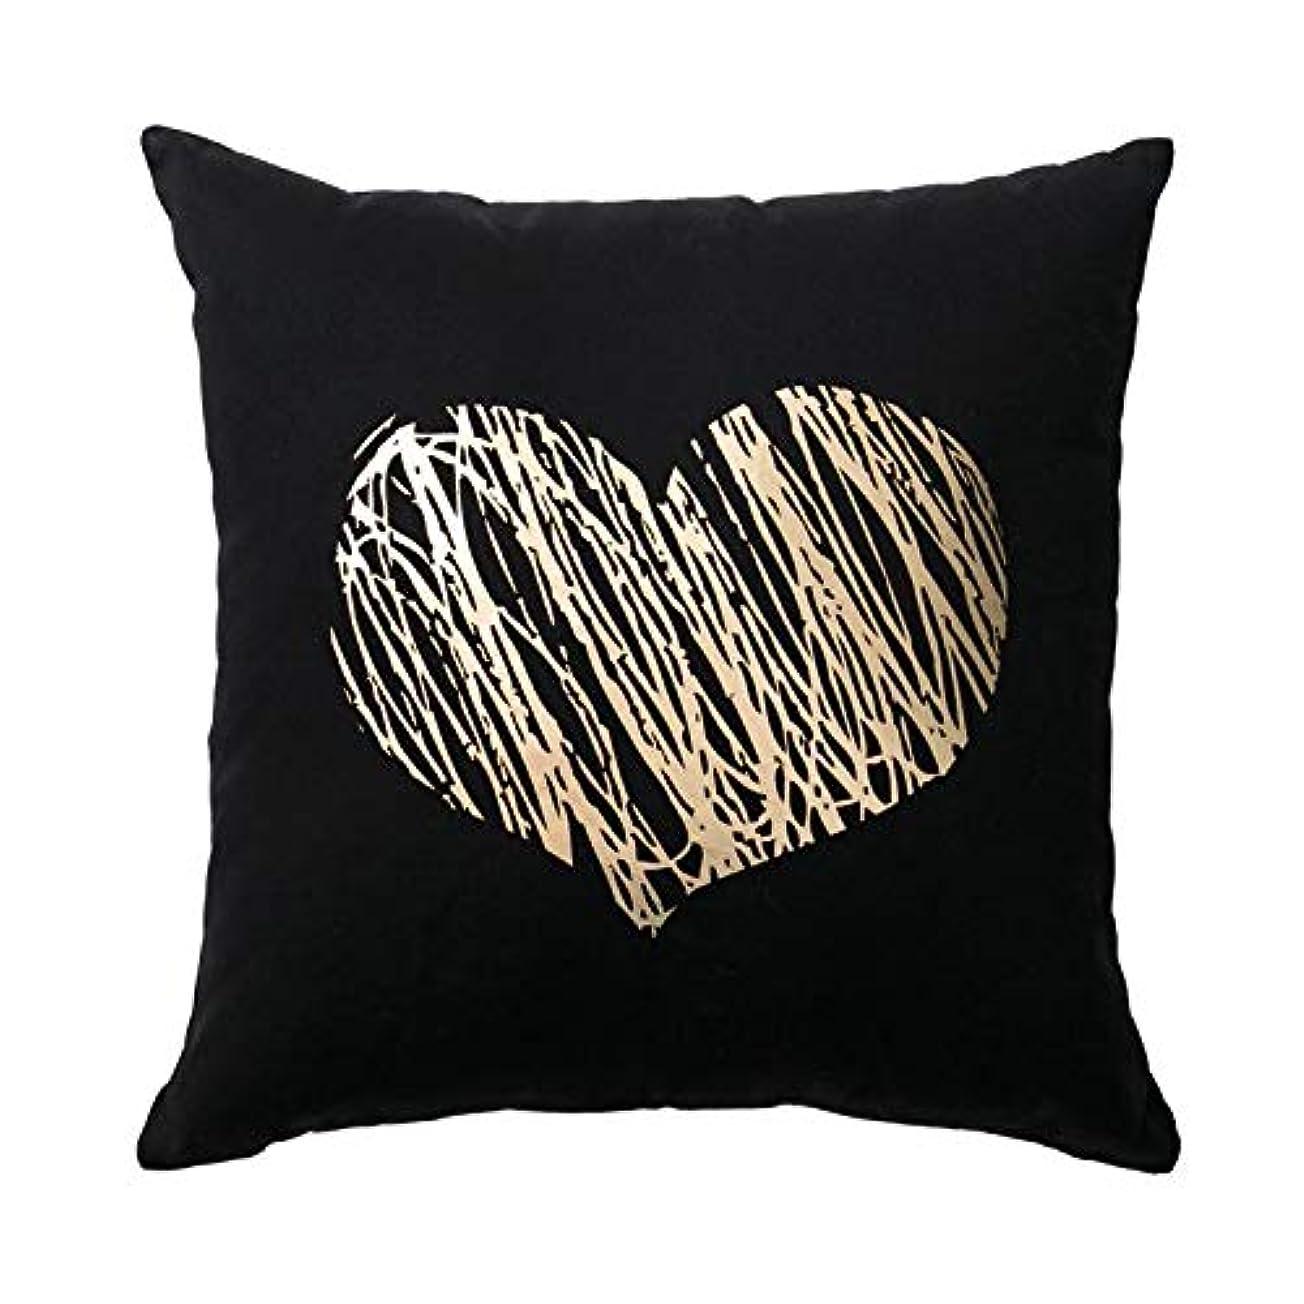 プーノパケット不運LIFE 黄金の幾何学的フラミンゴブロンズクッション装飾枕愛金箔枕家の装飾ソファスロー枕 17*17 インチ クッション 椅子